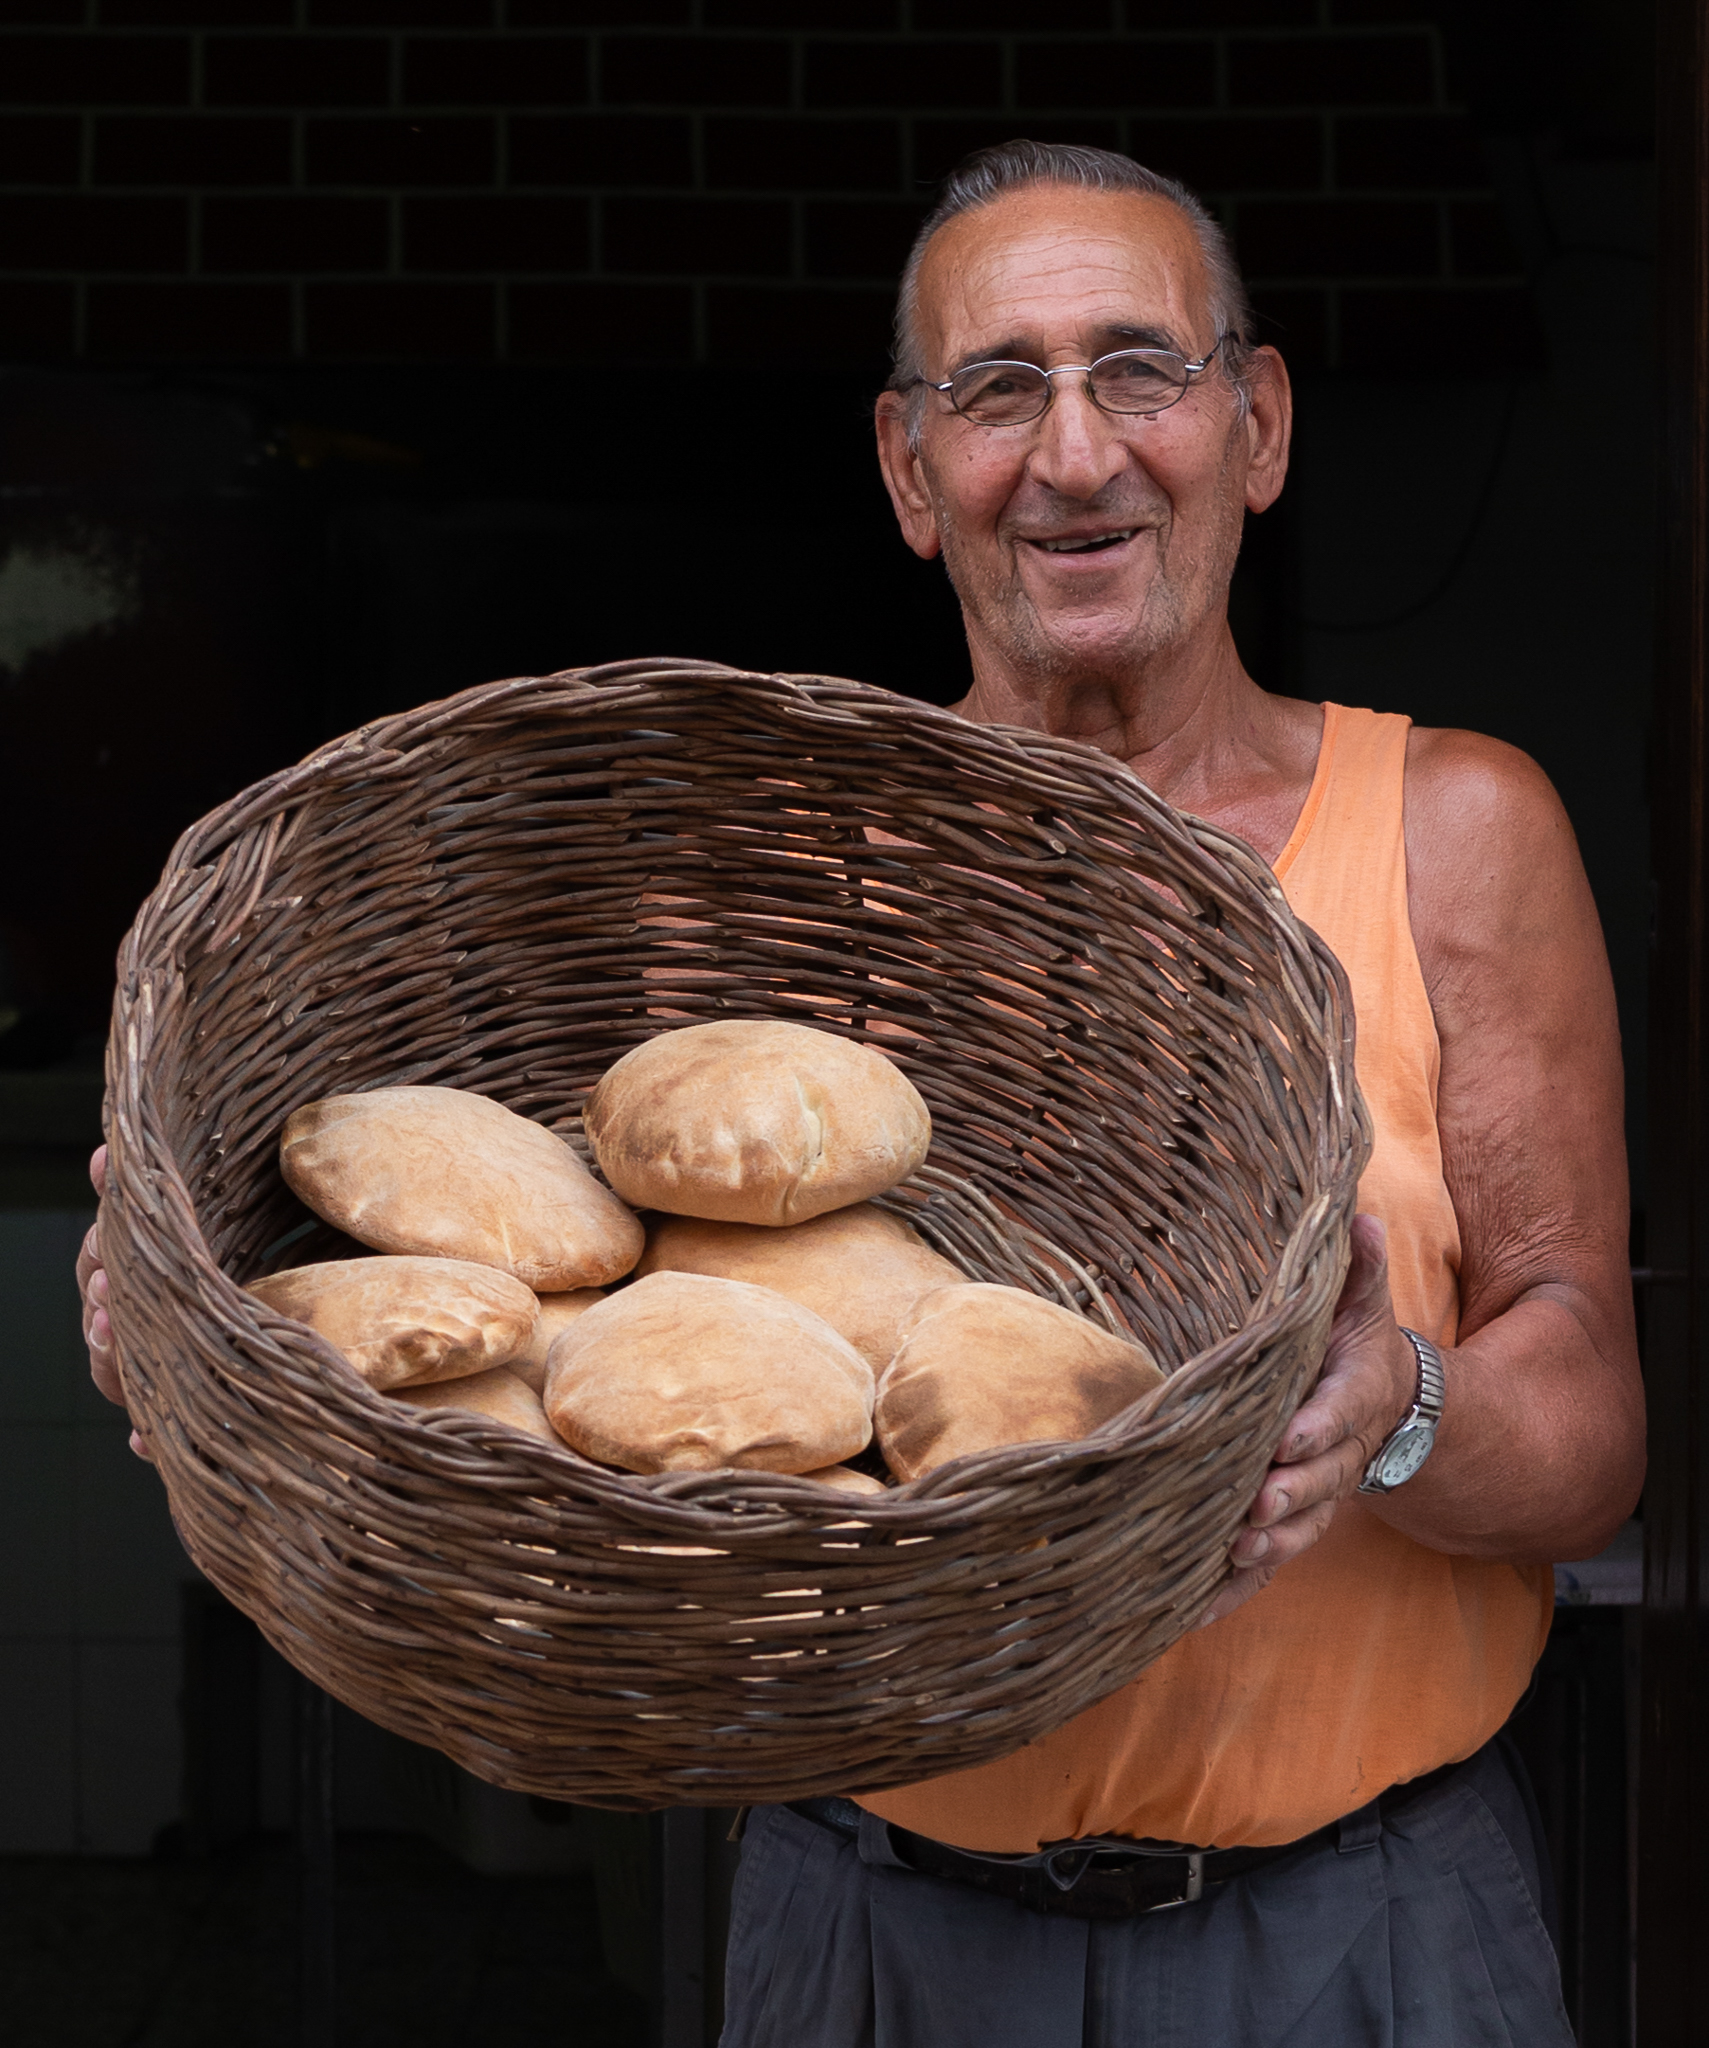 Bäcker Giovanni Stasi (82) mit einem Korb frischen Brotes. Manduria, Apulien.